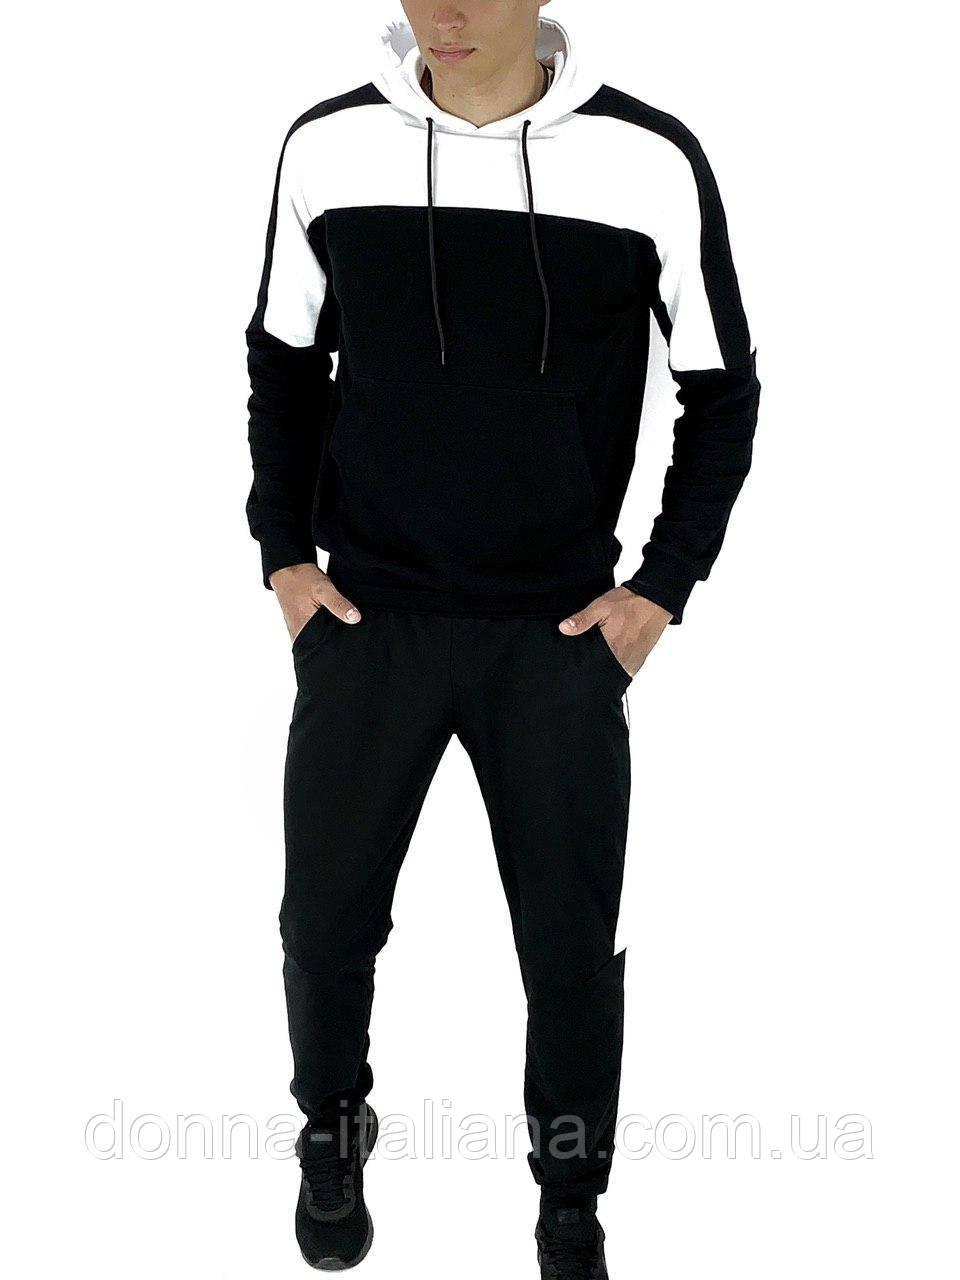 Спортивный костюм Intruder Spirited XL Черно-белый  (1586893869/ 4)